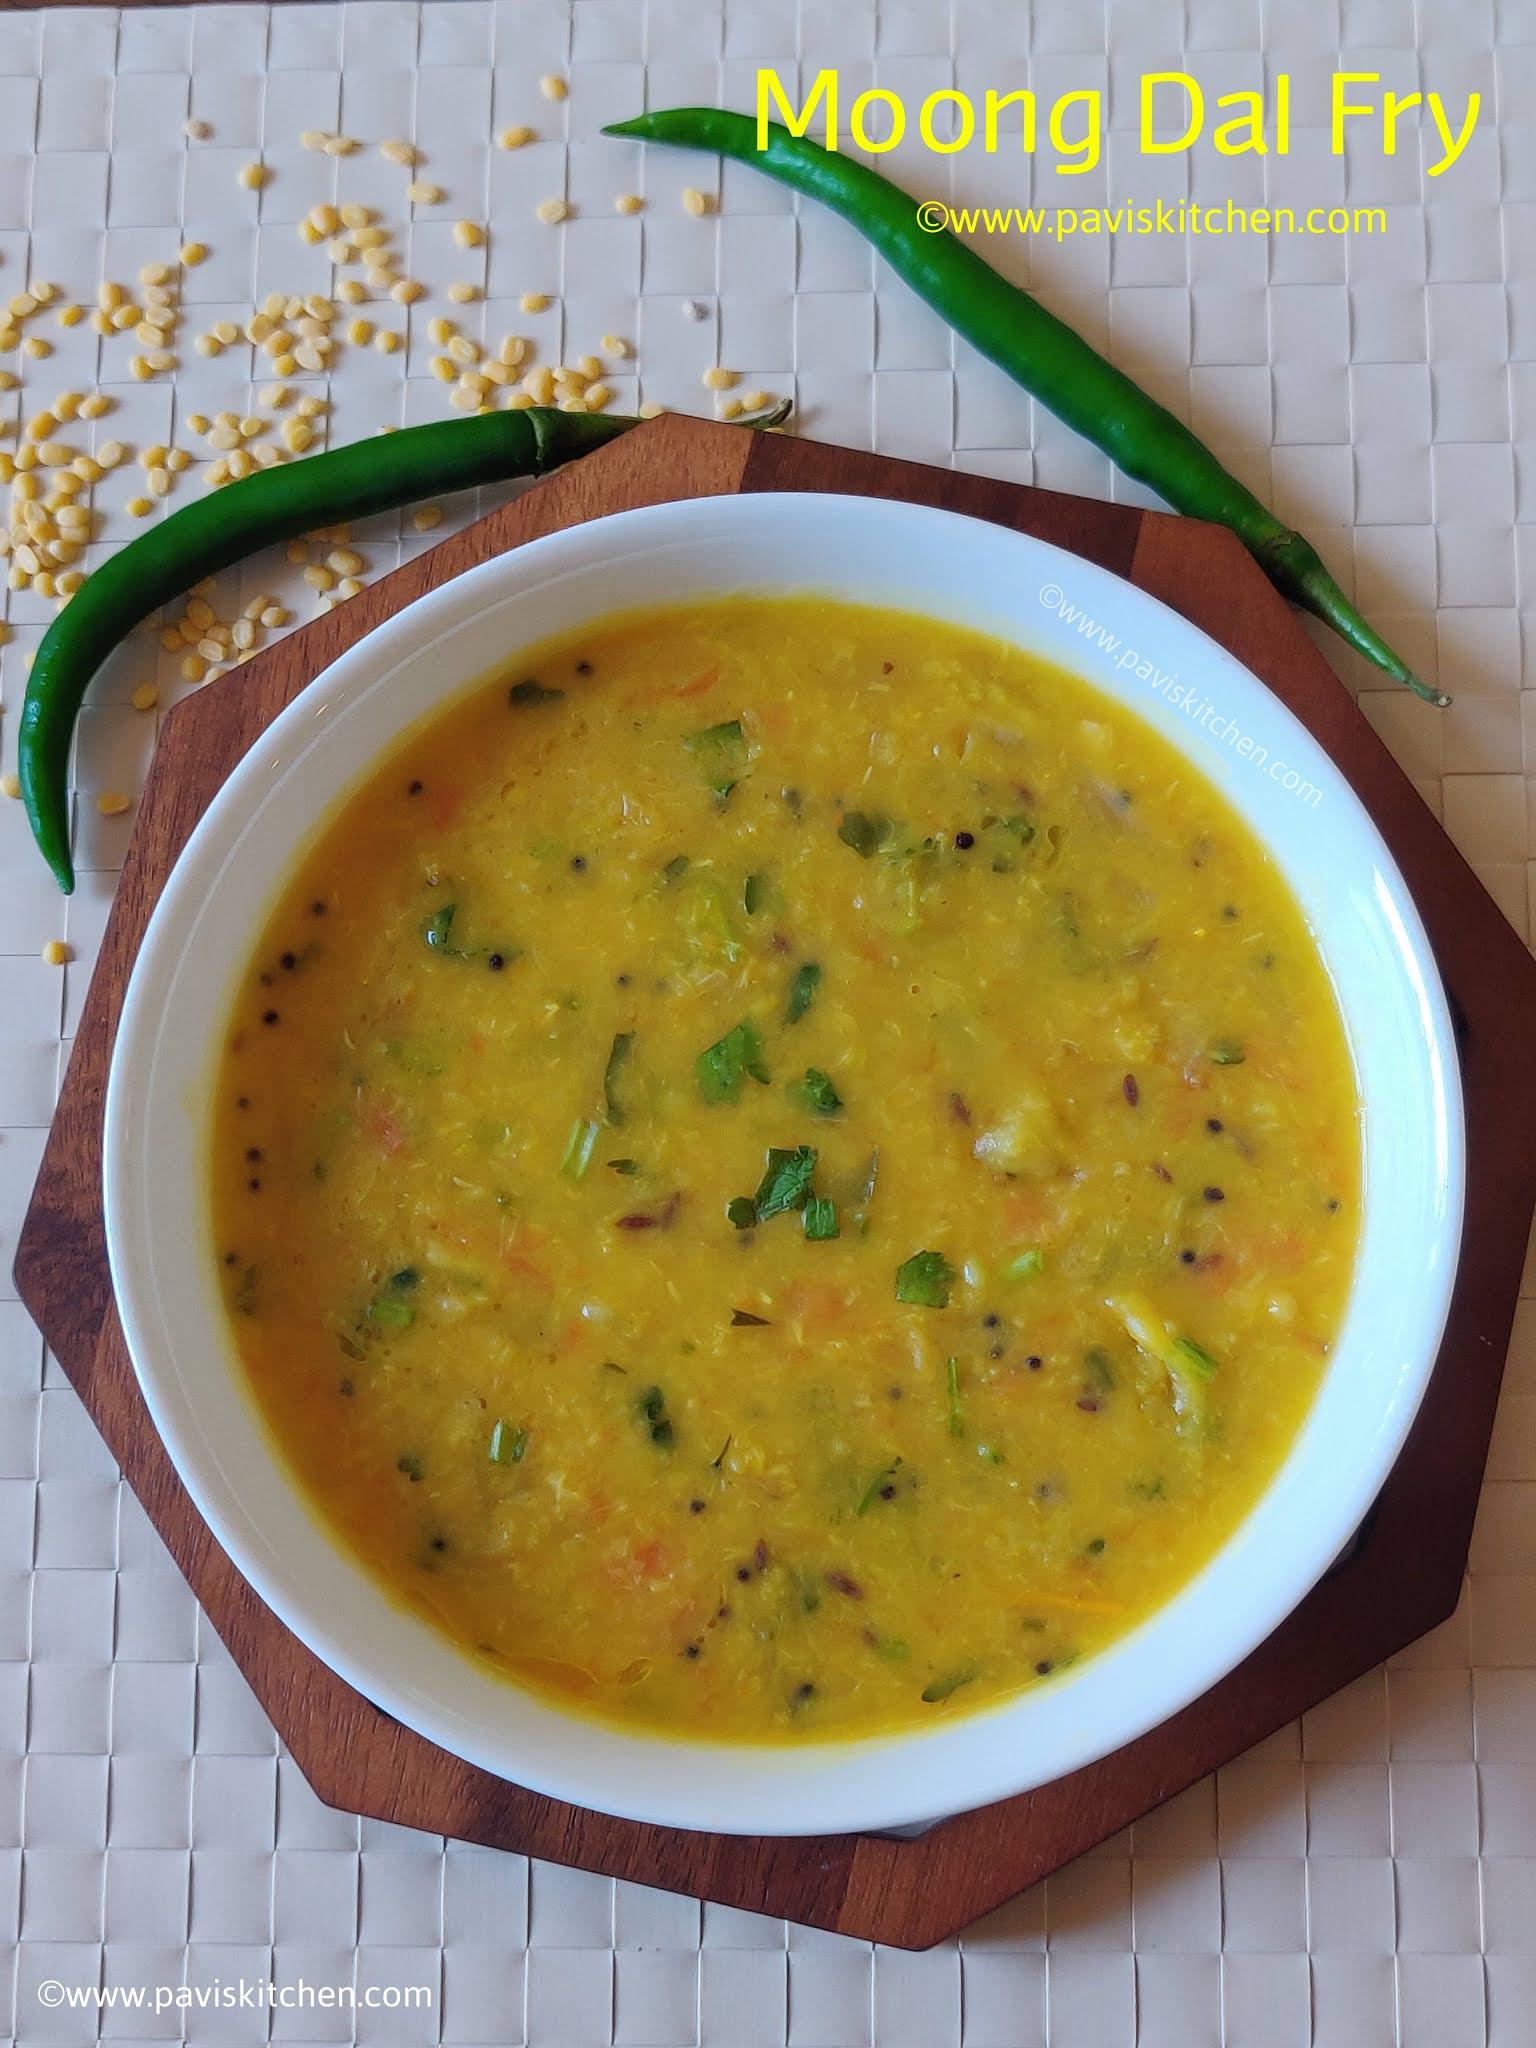 Yellow moong dal fry recipe | best Indian dal recipe | moong dal sabji recipe (stovetop & pressure cooker